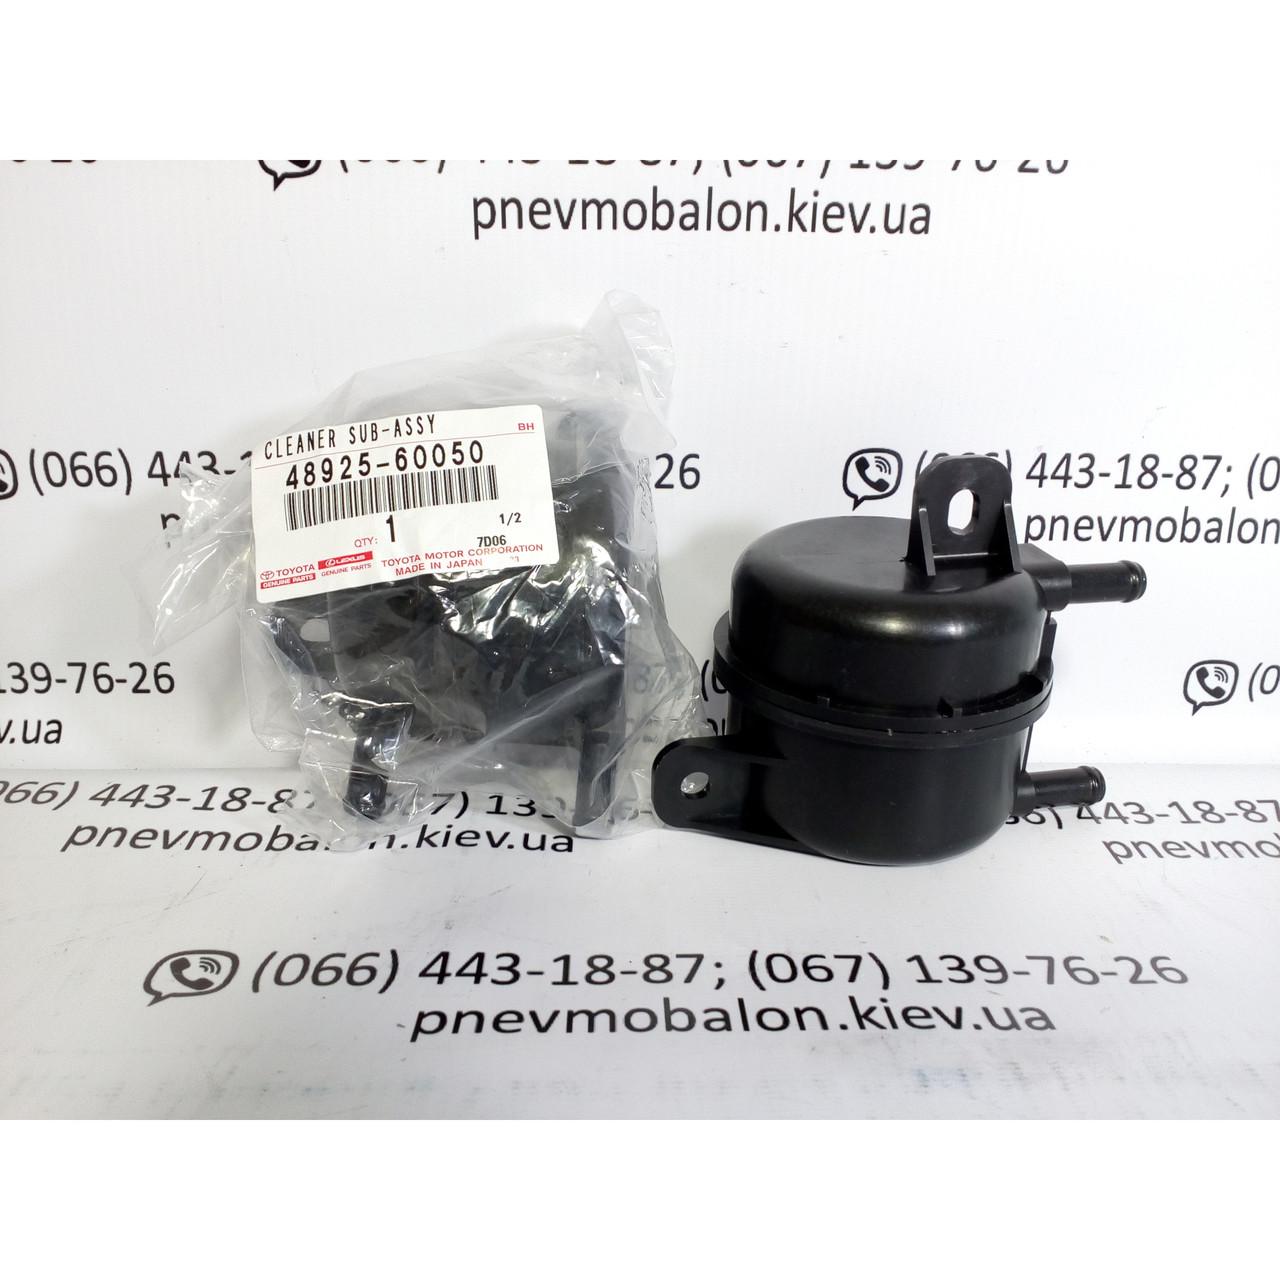 Фильтр компрессора пневмоподвески Toyota Prado 120 / Lexus GX 470 Оригинал